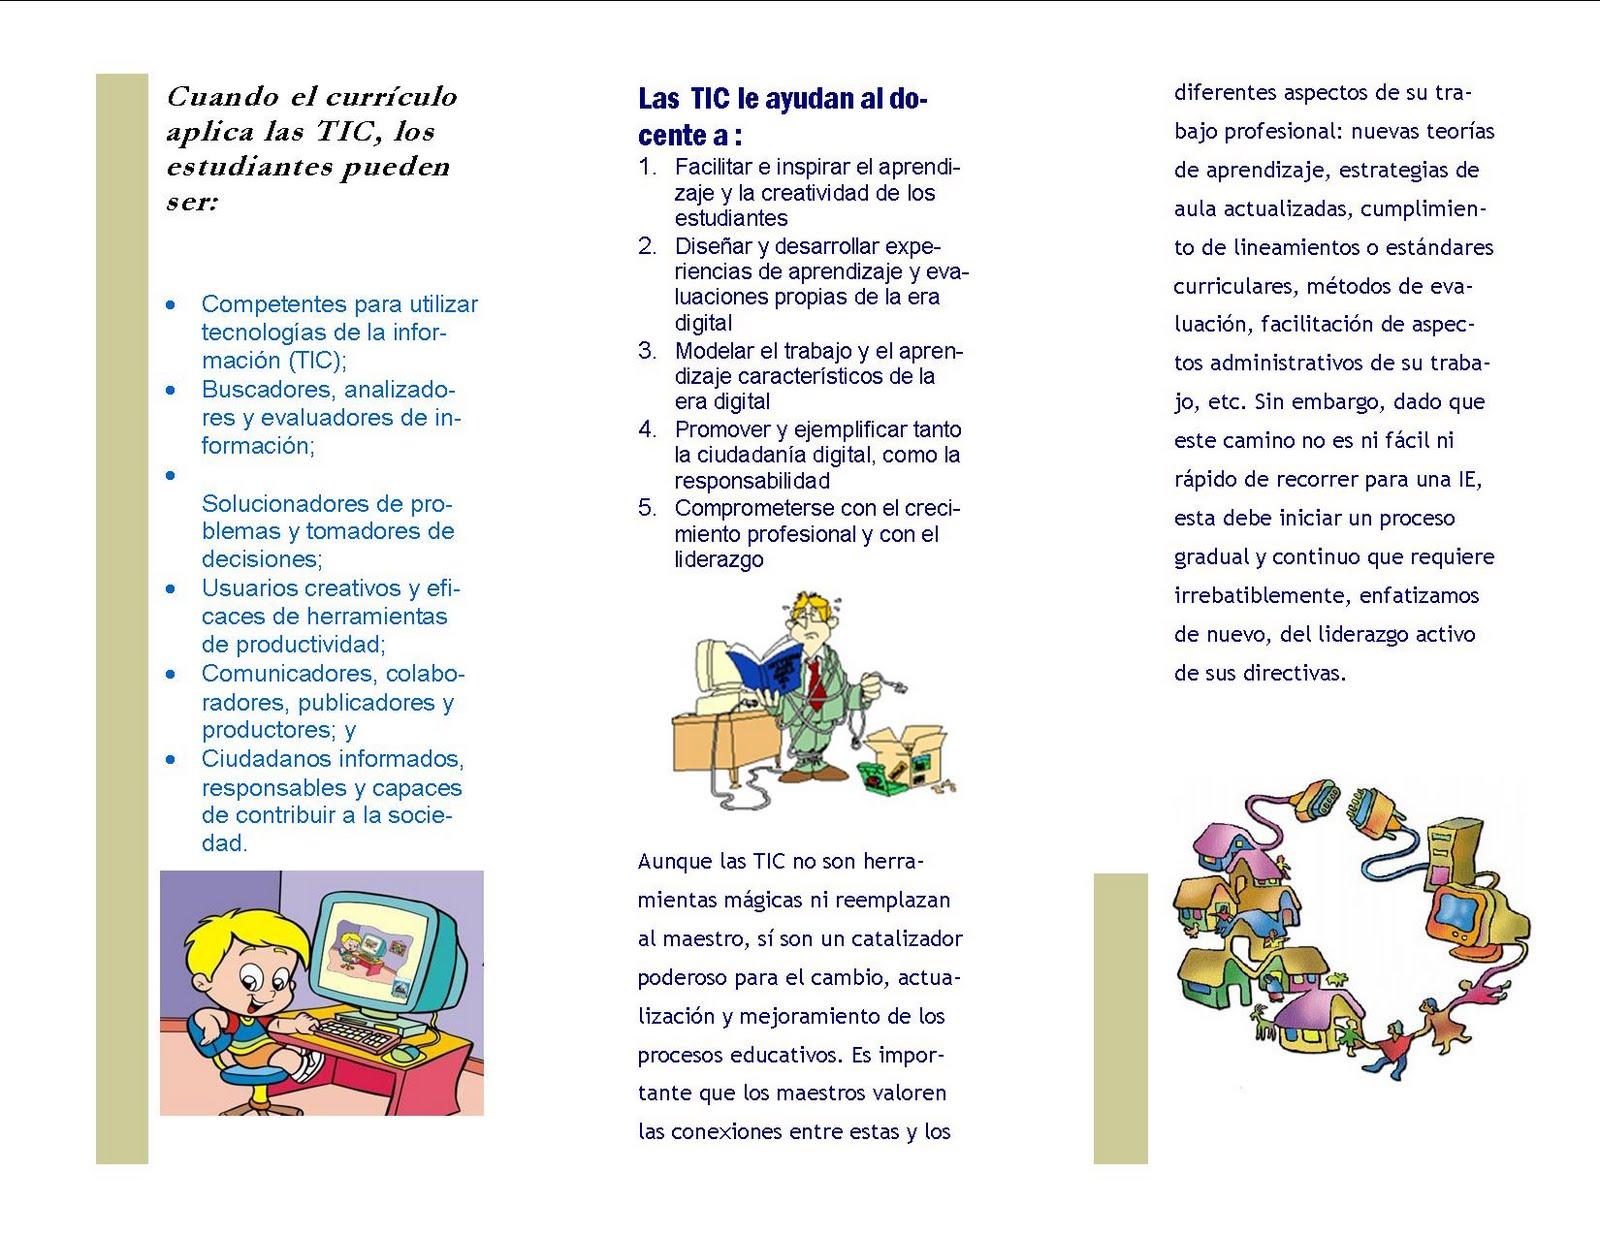 PORTAFOLIO EDUCATIVO - ESTEBAN -: 2011